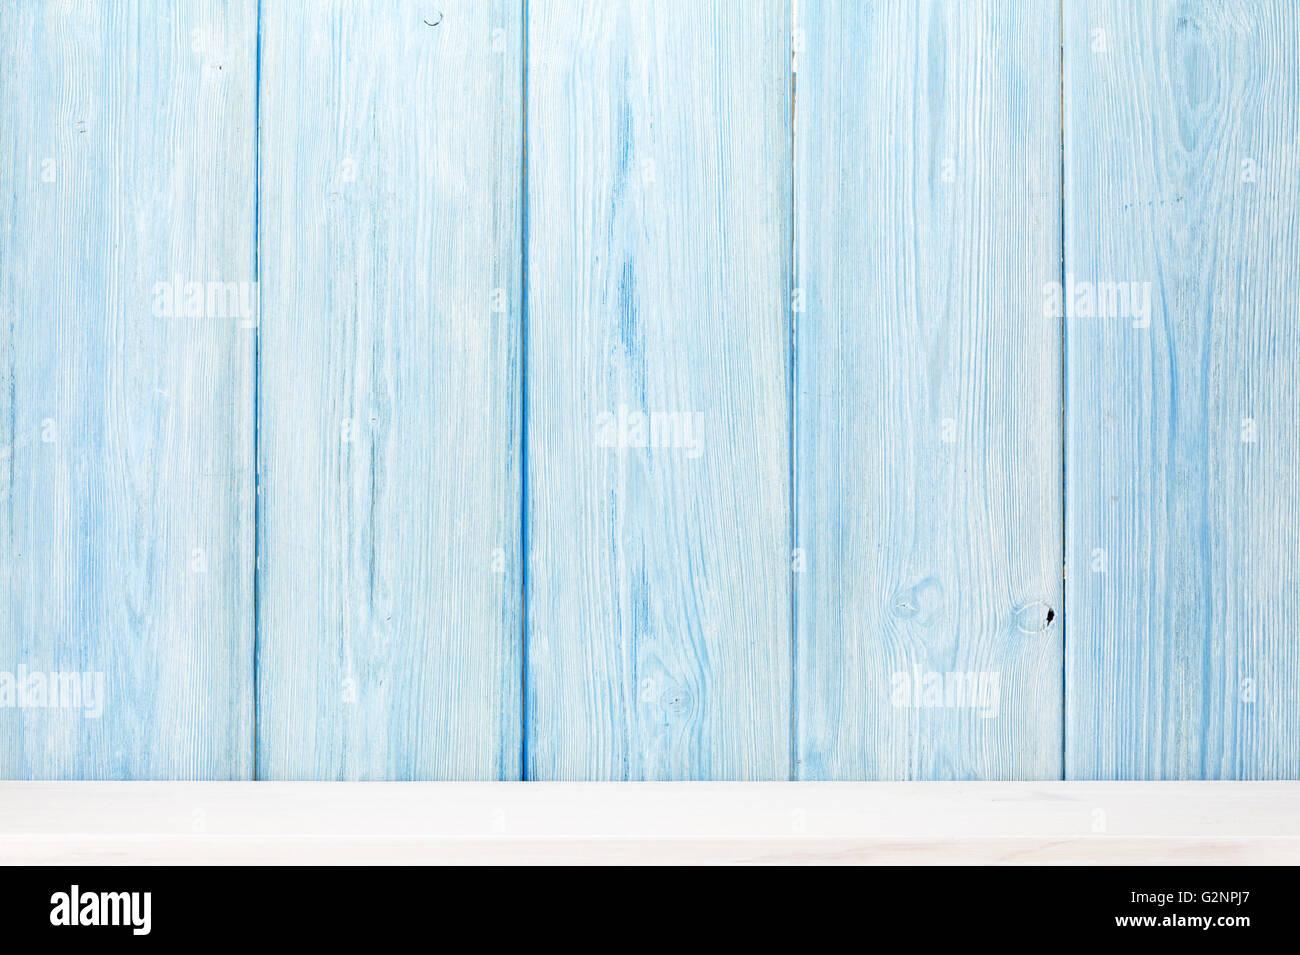 Wood Shelf Stockfotos & Wood Shelf Bilder - Alamy